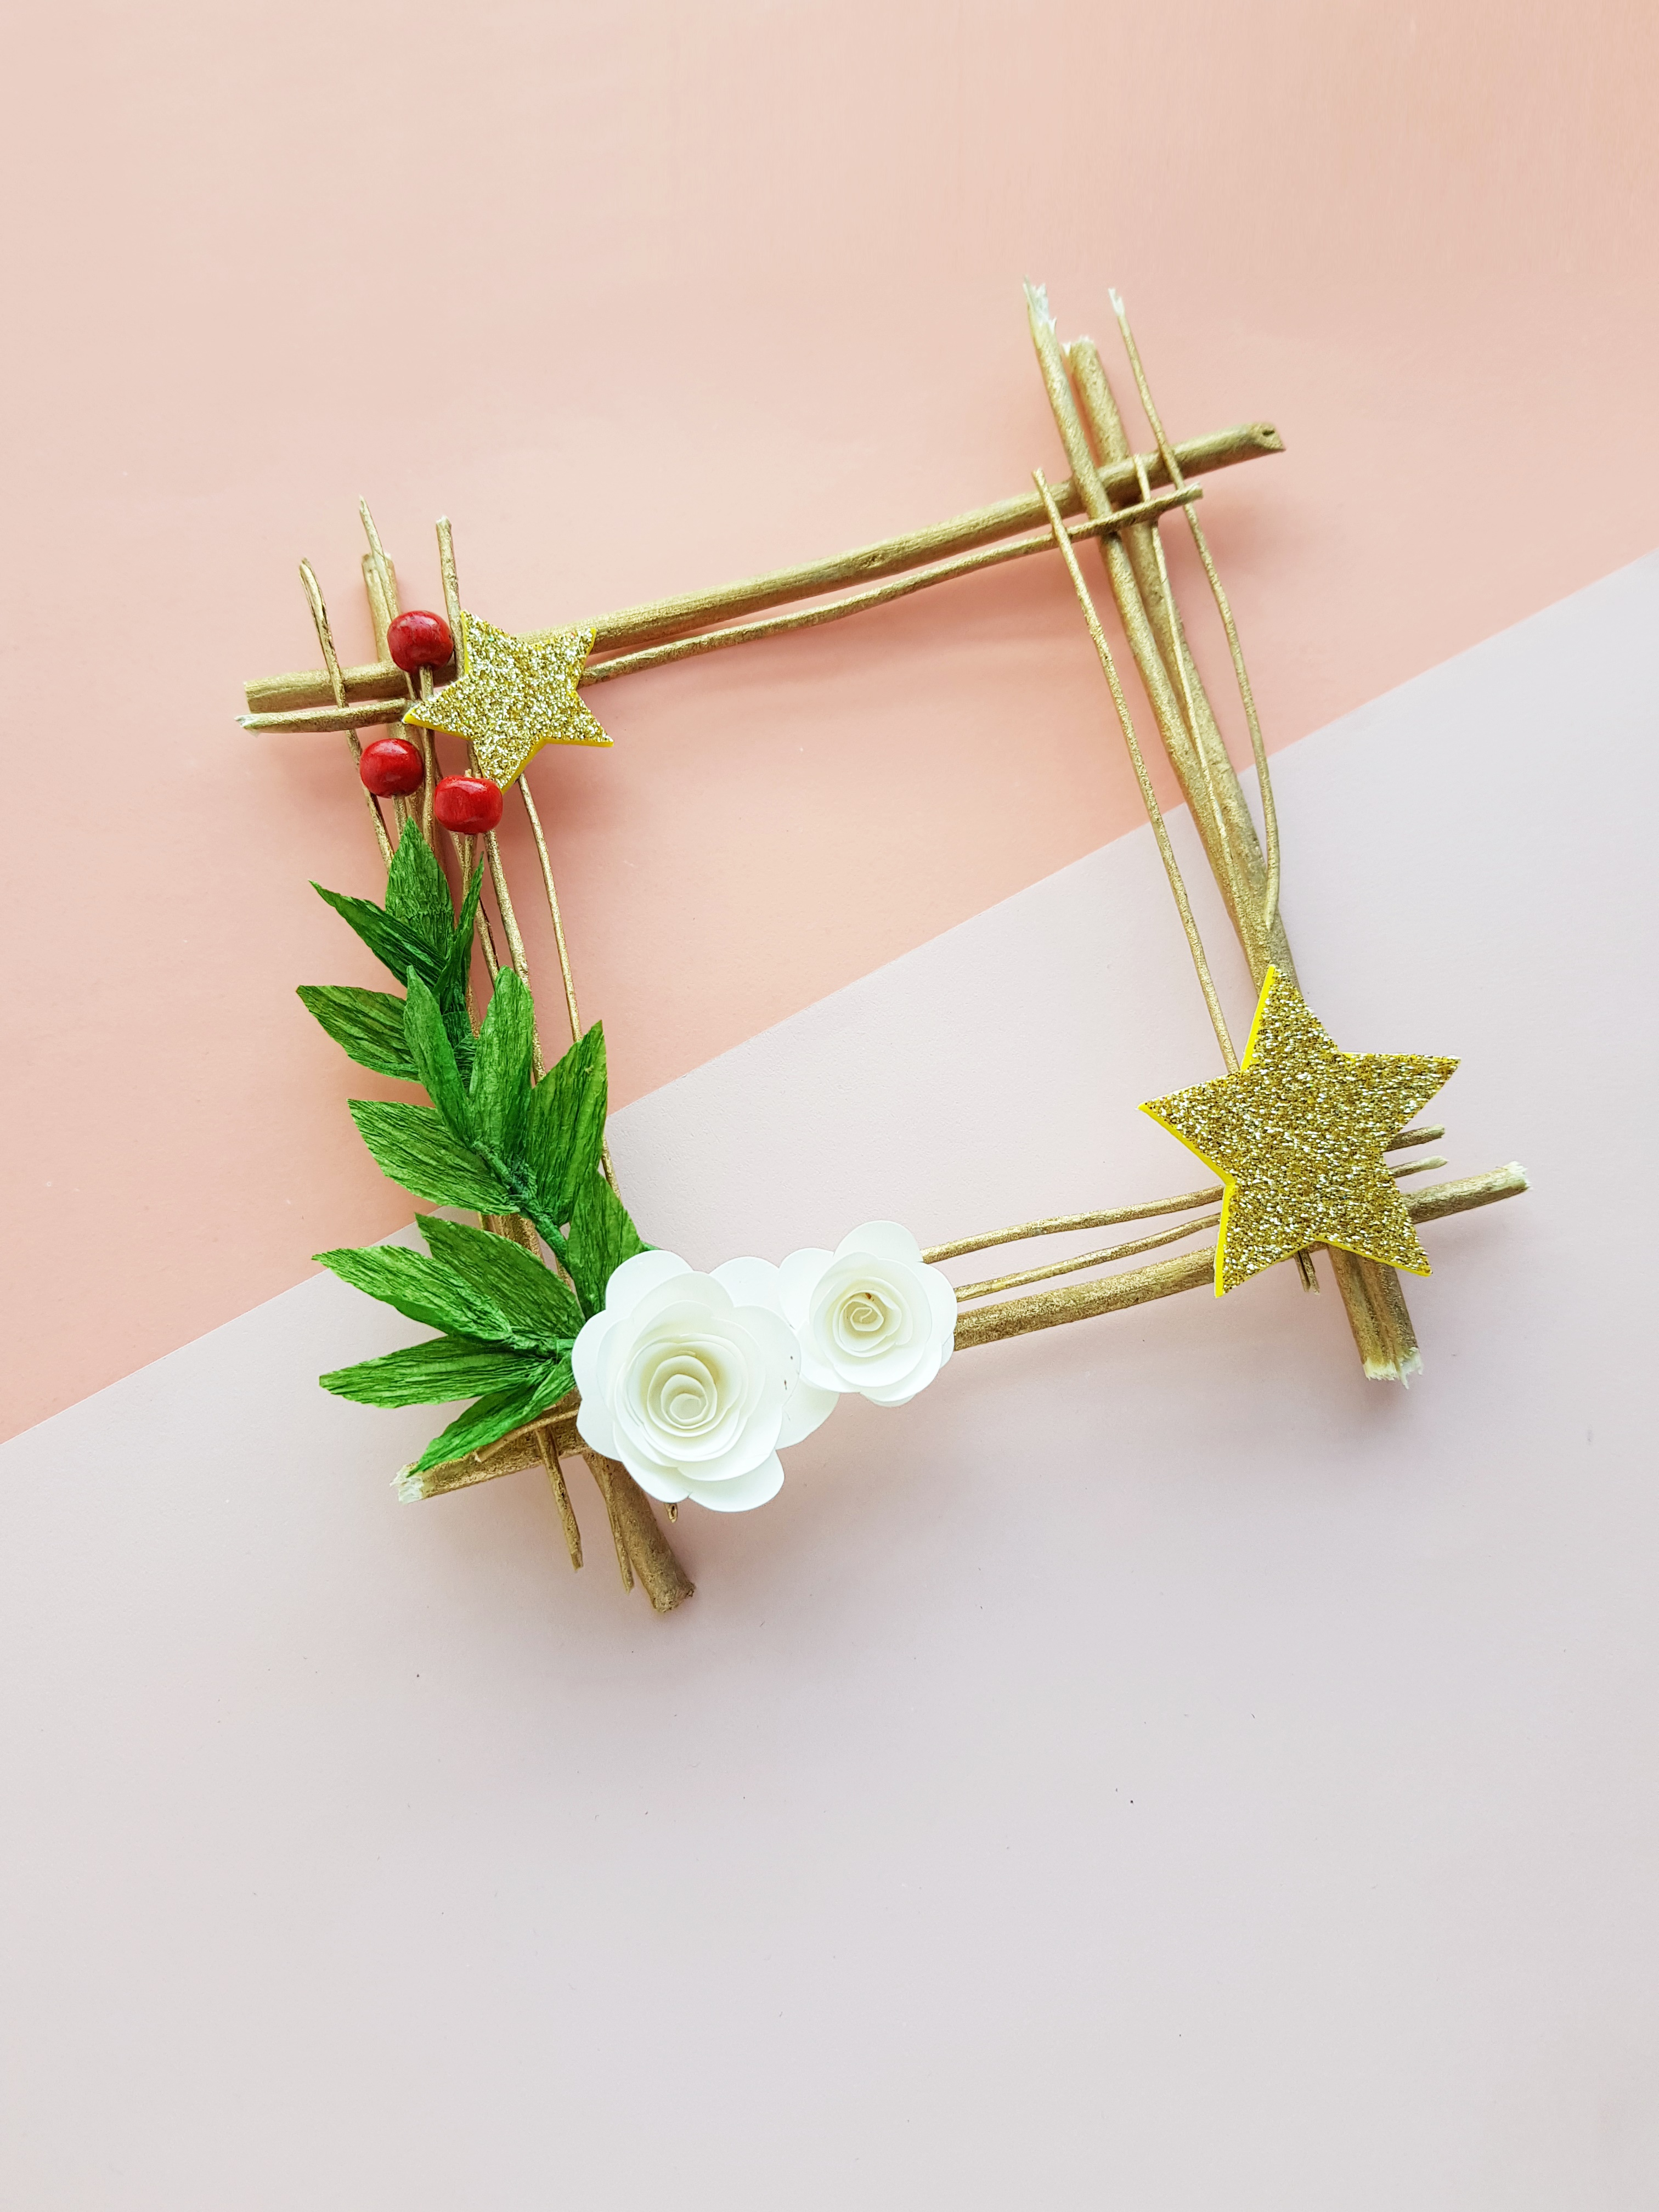 DIY Twig Wreath Christmas Craft